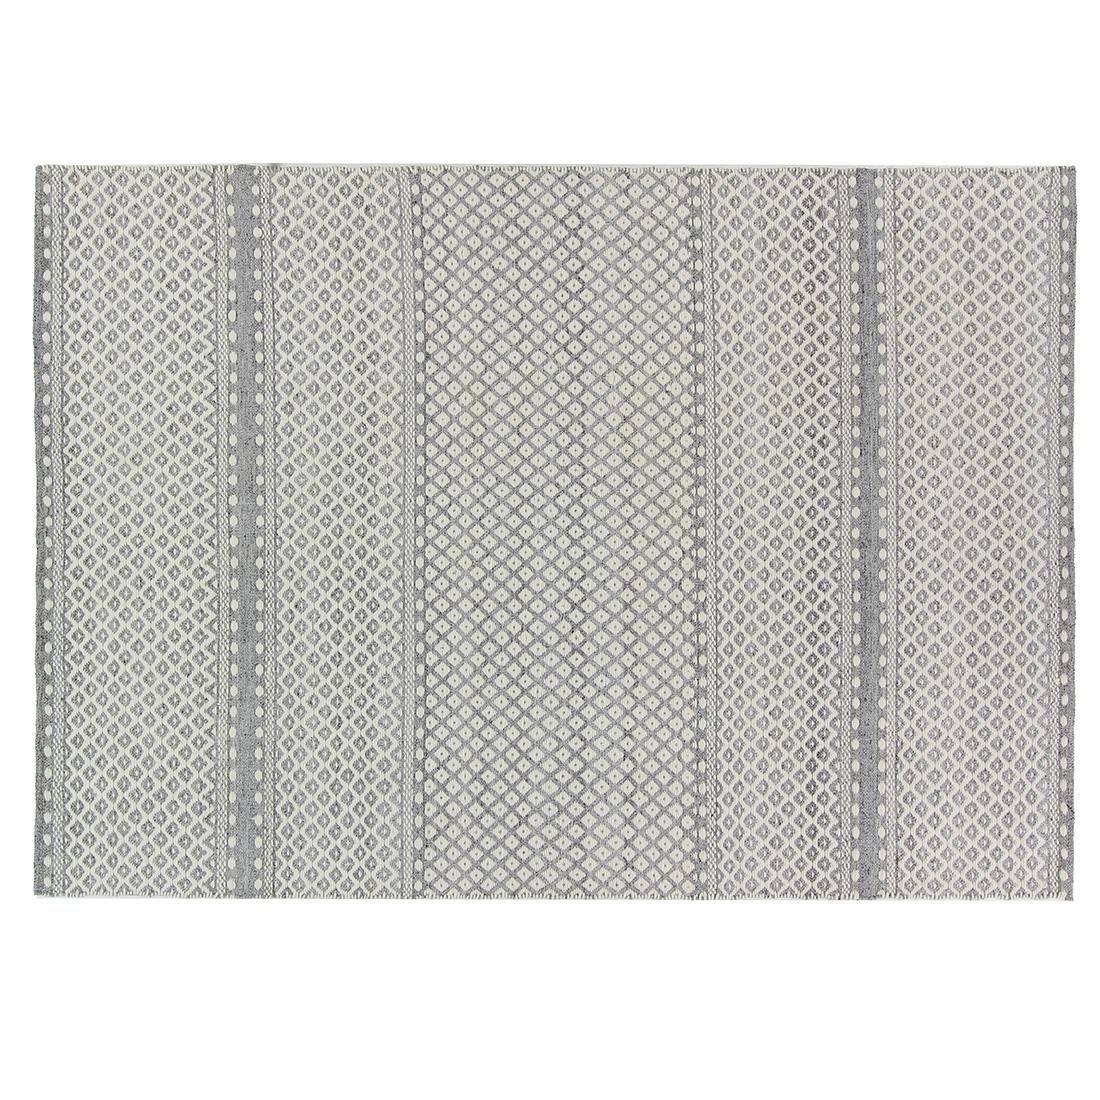 Vloerkleed Brinker Saint Ivory | 240 x 340 cm